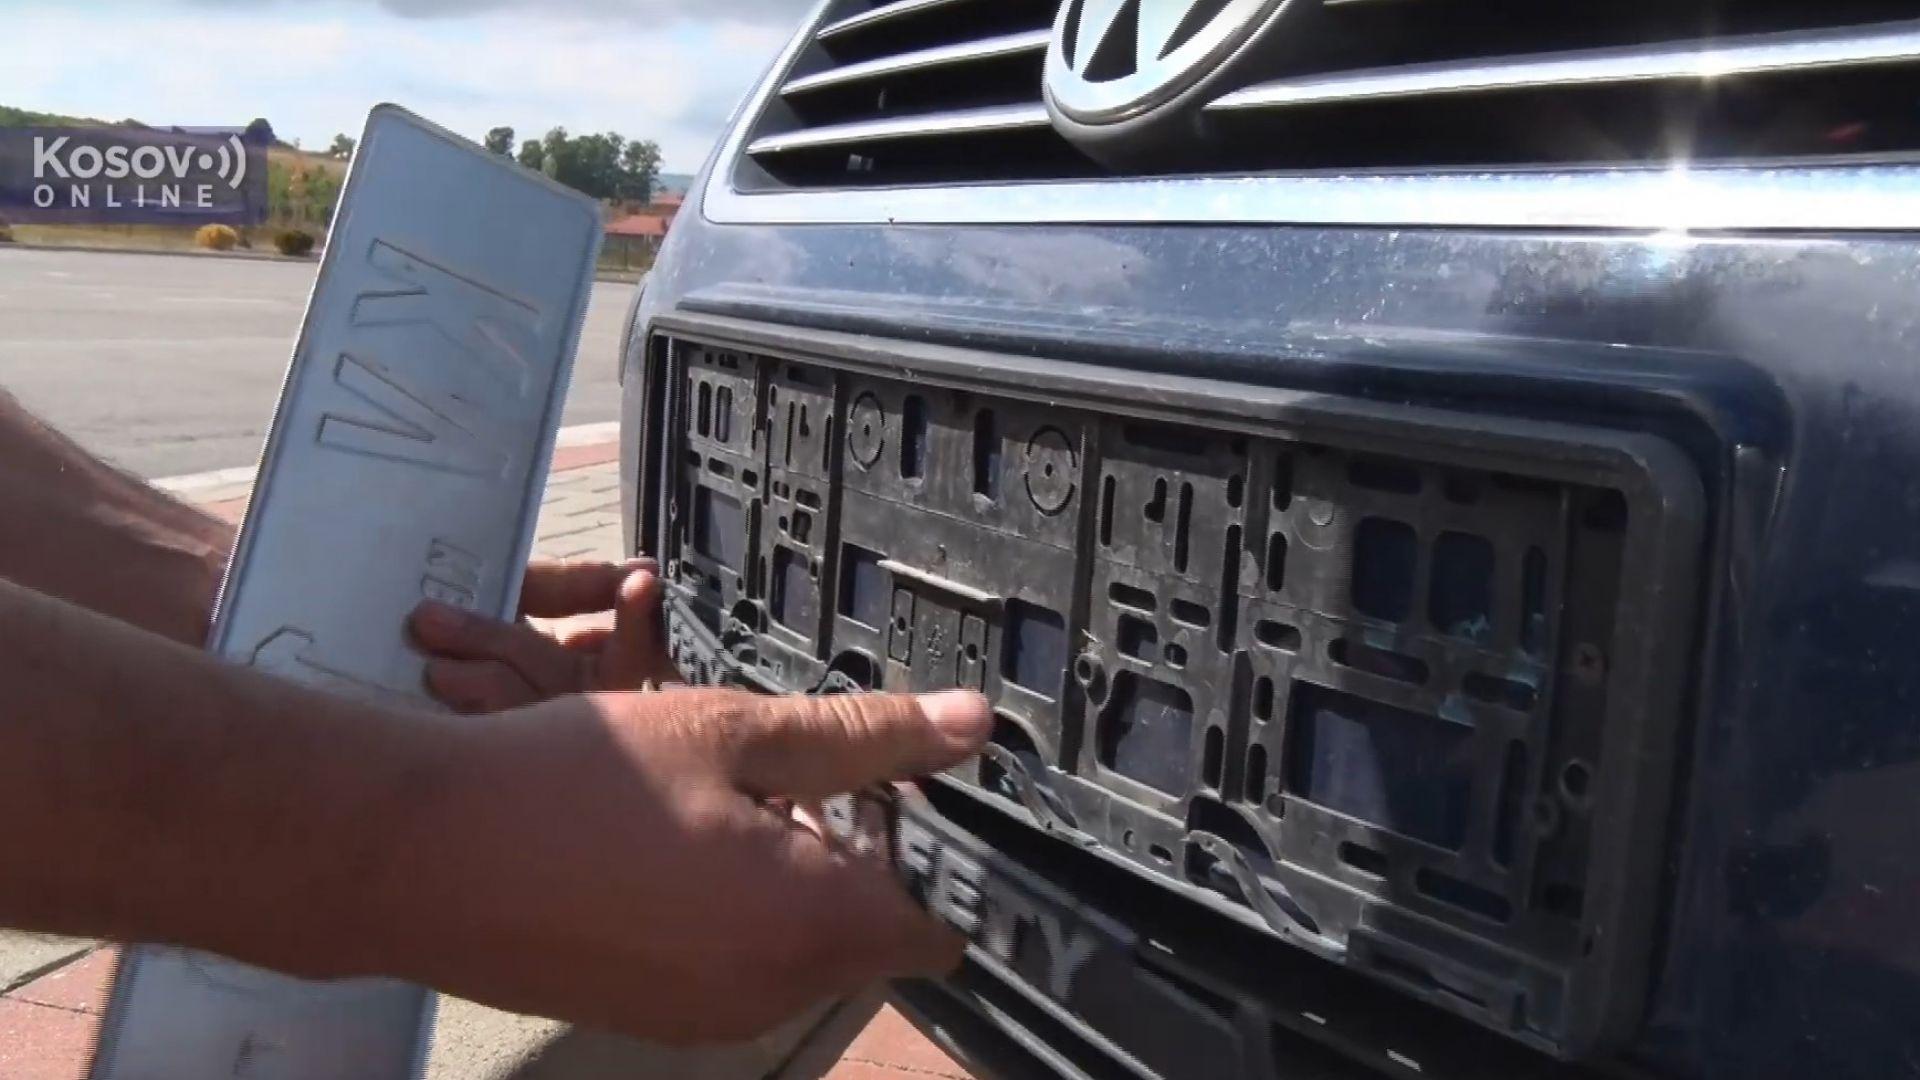 Напрежение на границата между Косово и Сърбия: Прищина сваля табелите на колите с KS